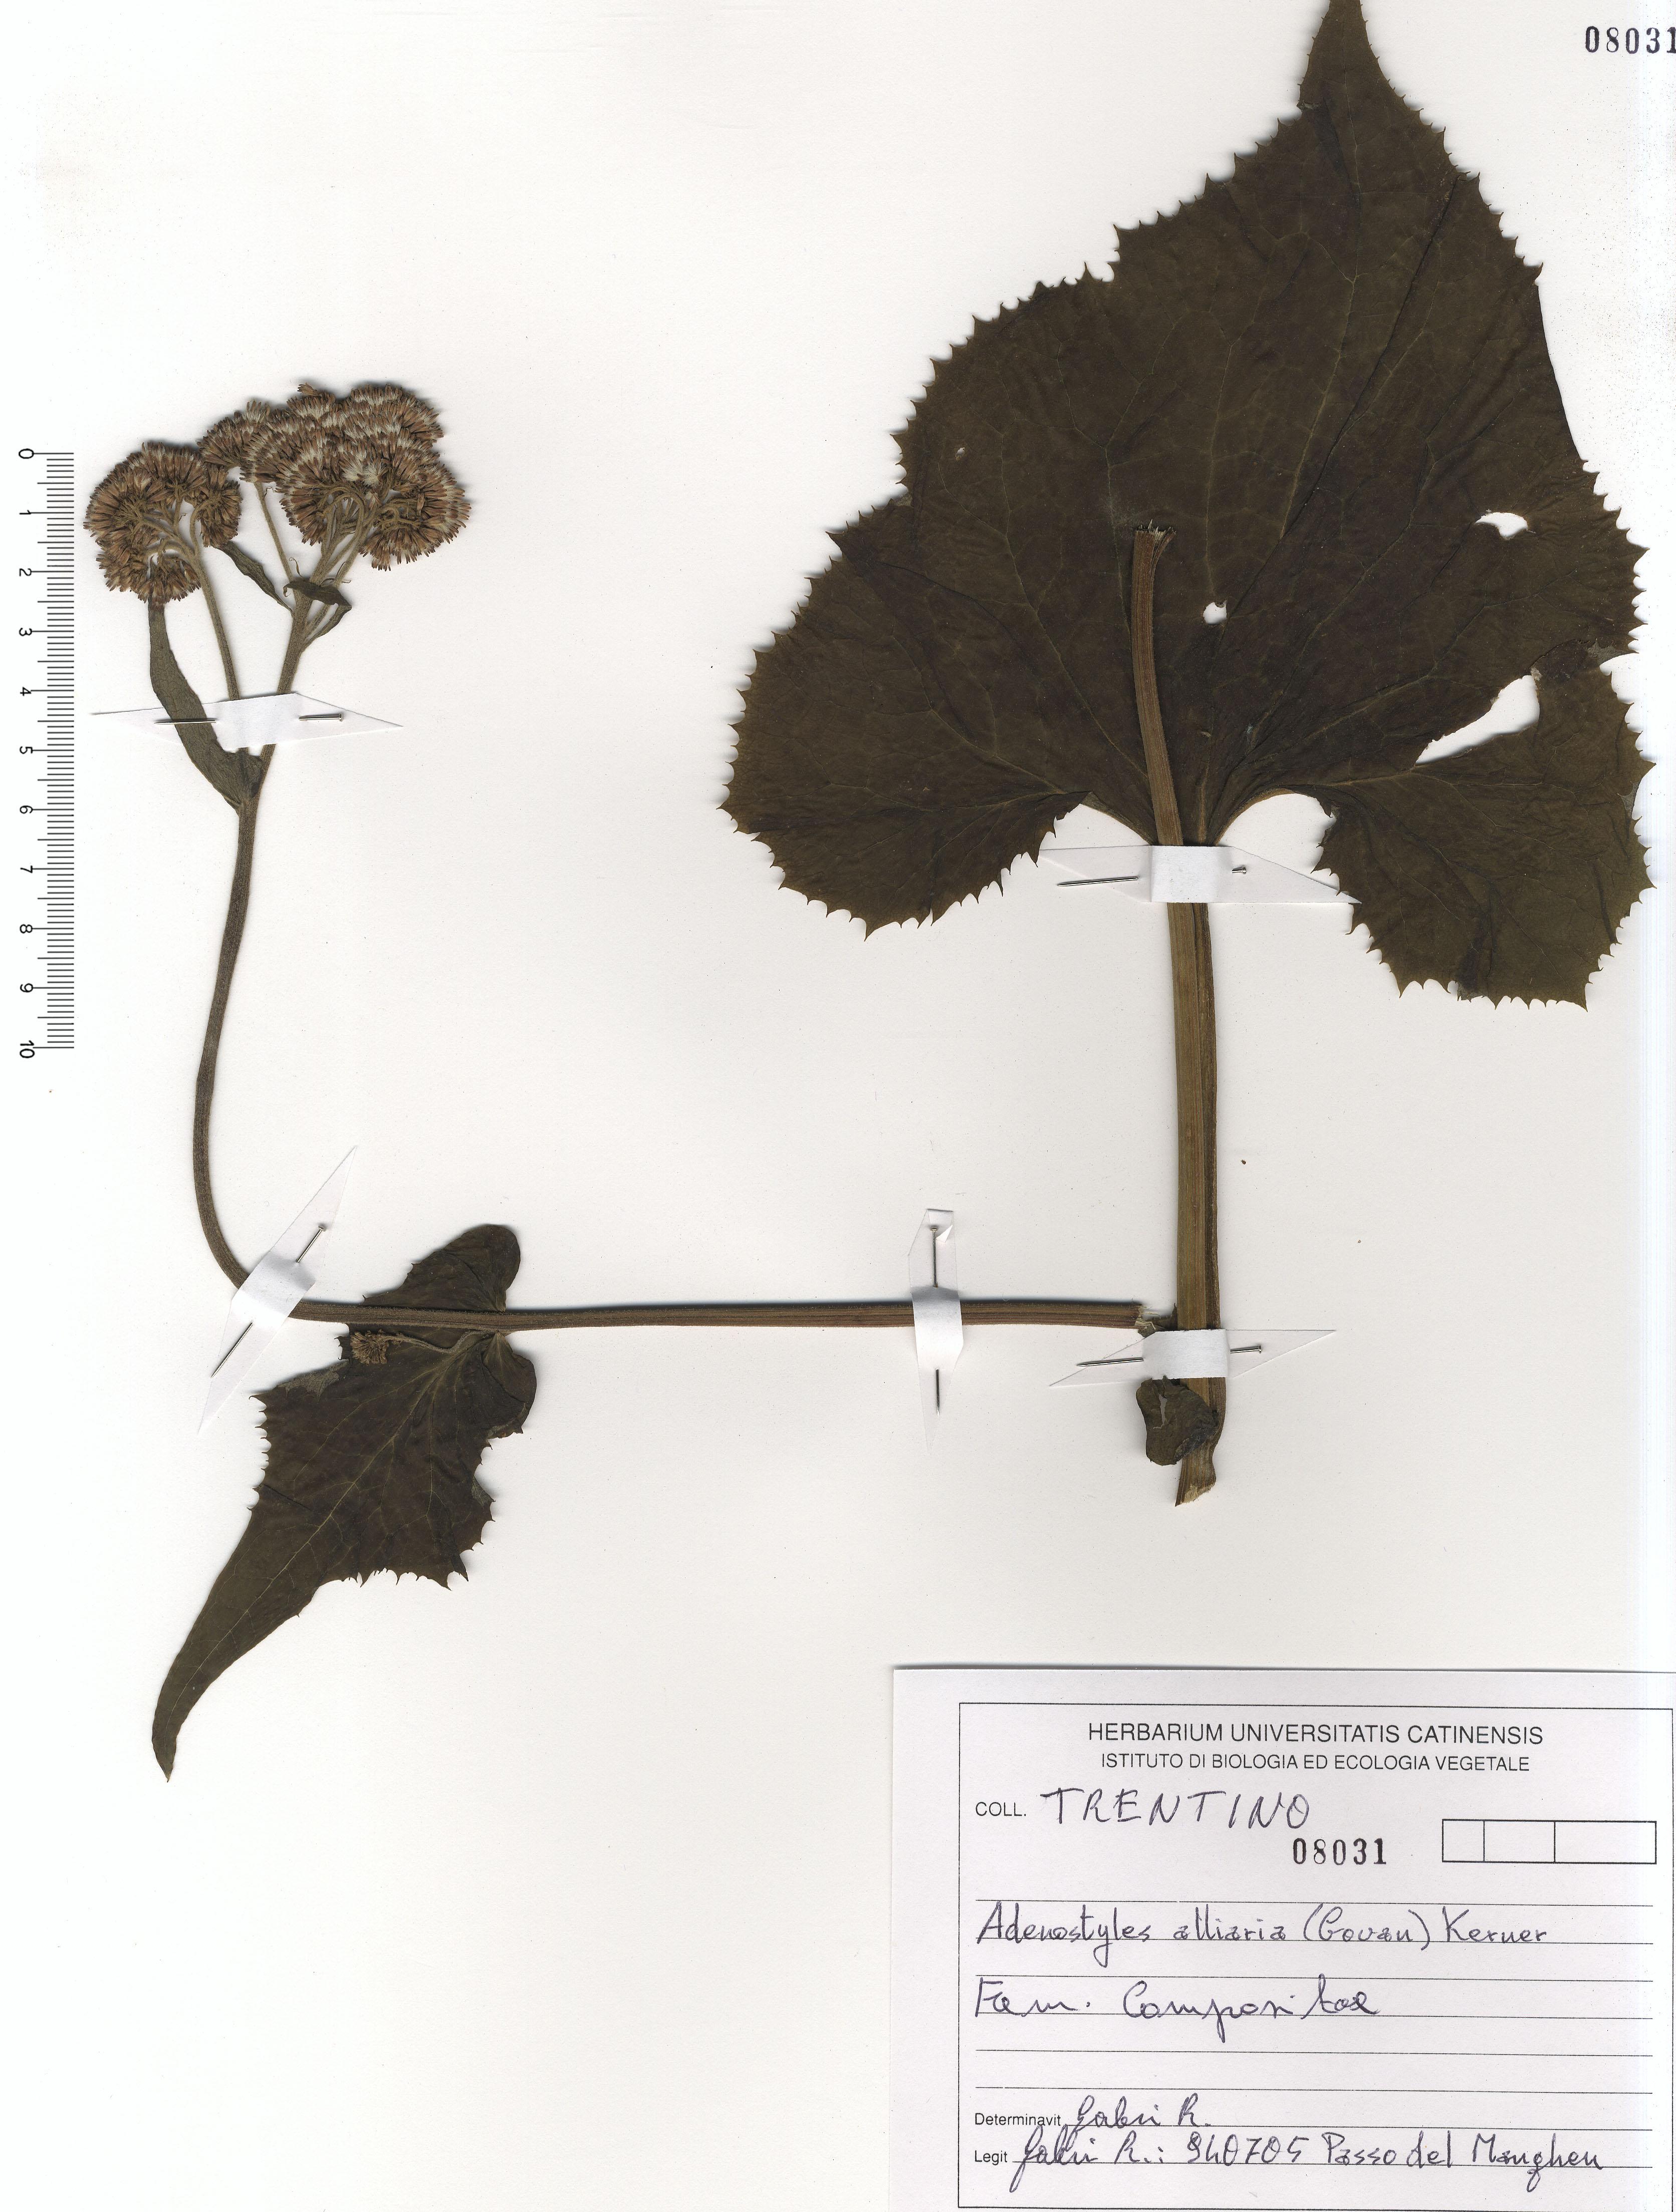 © Hortus Botanicus Catinensis - Herb. sheet 108031<br>